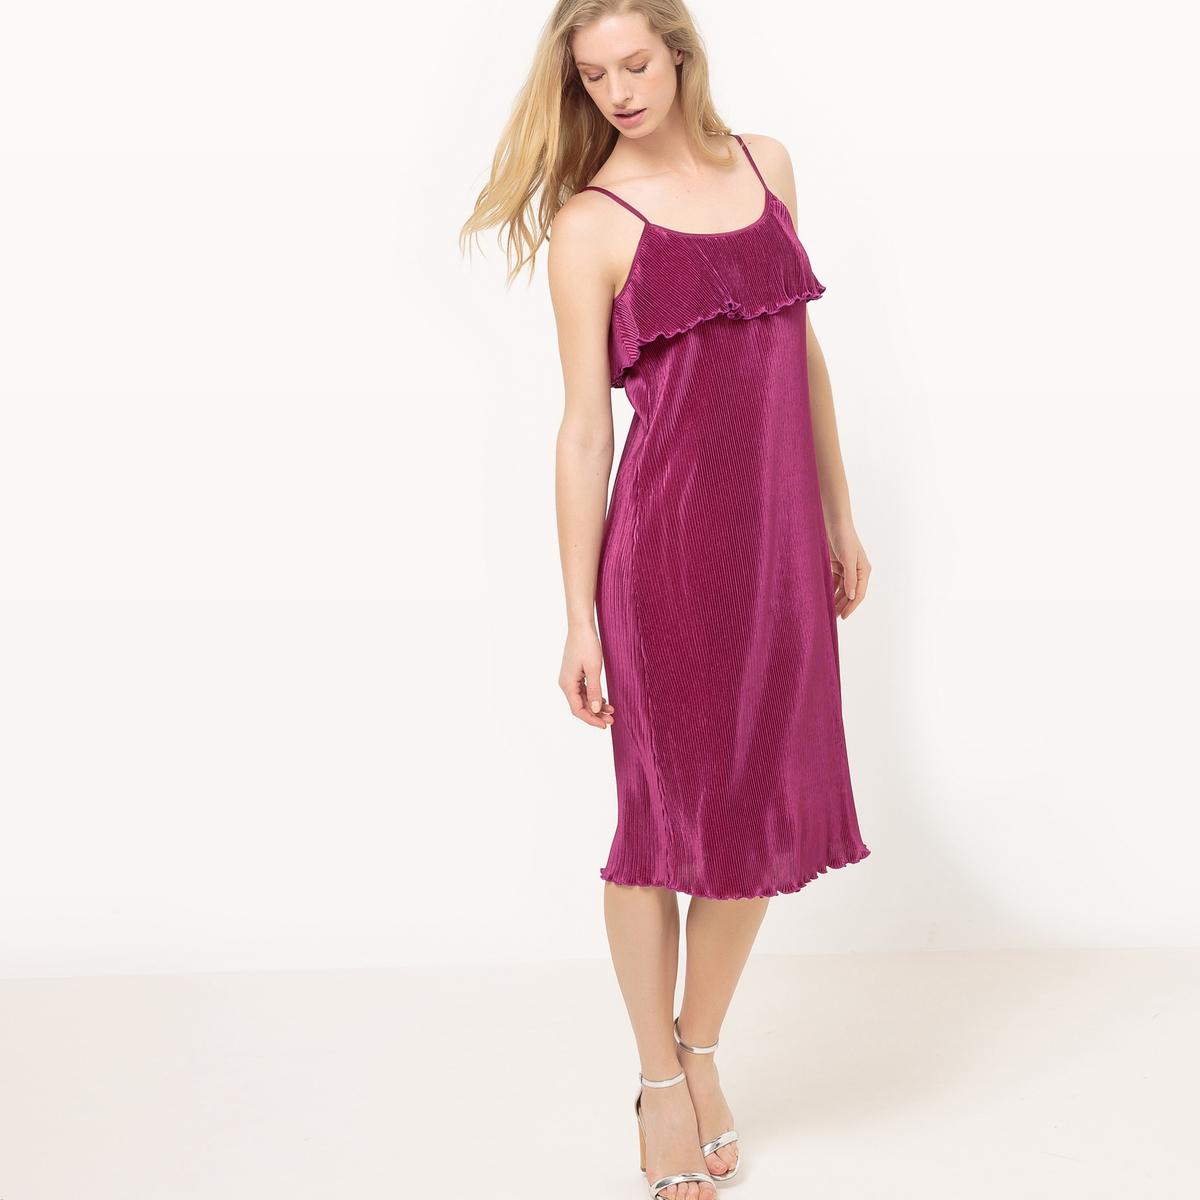 Vestido plissado com alças finas